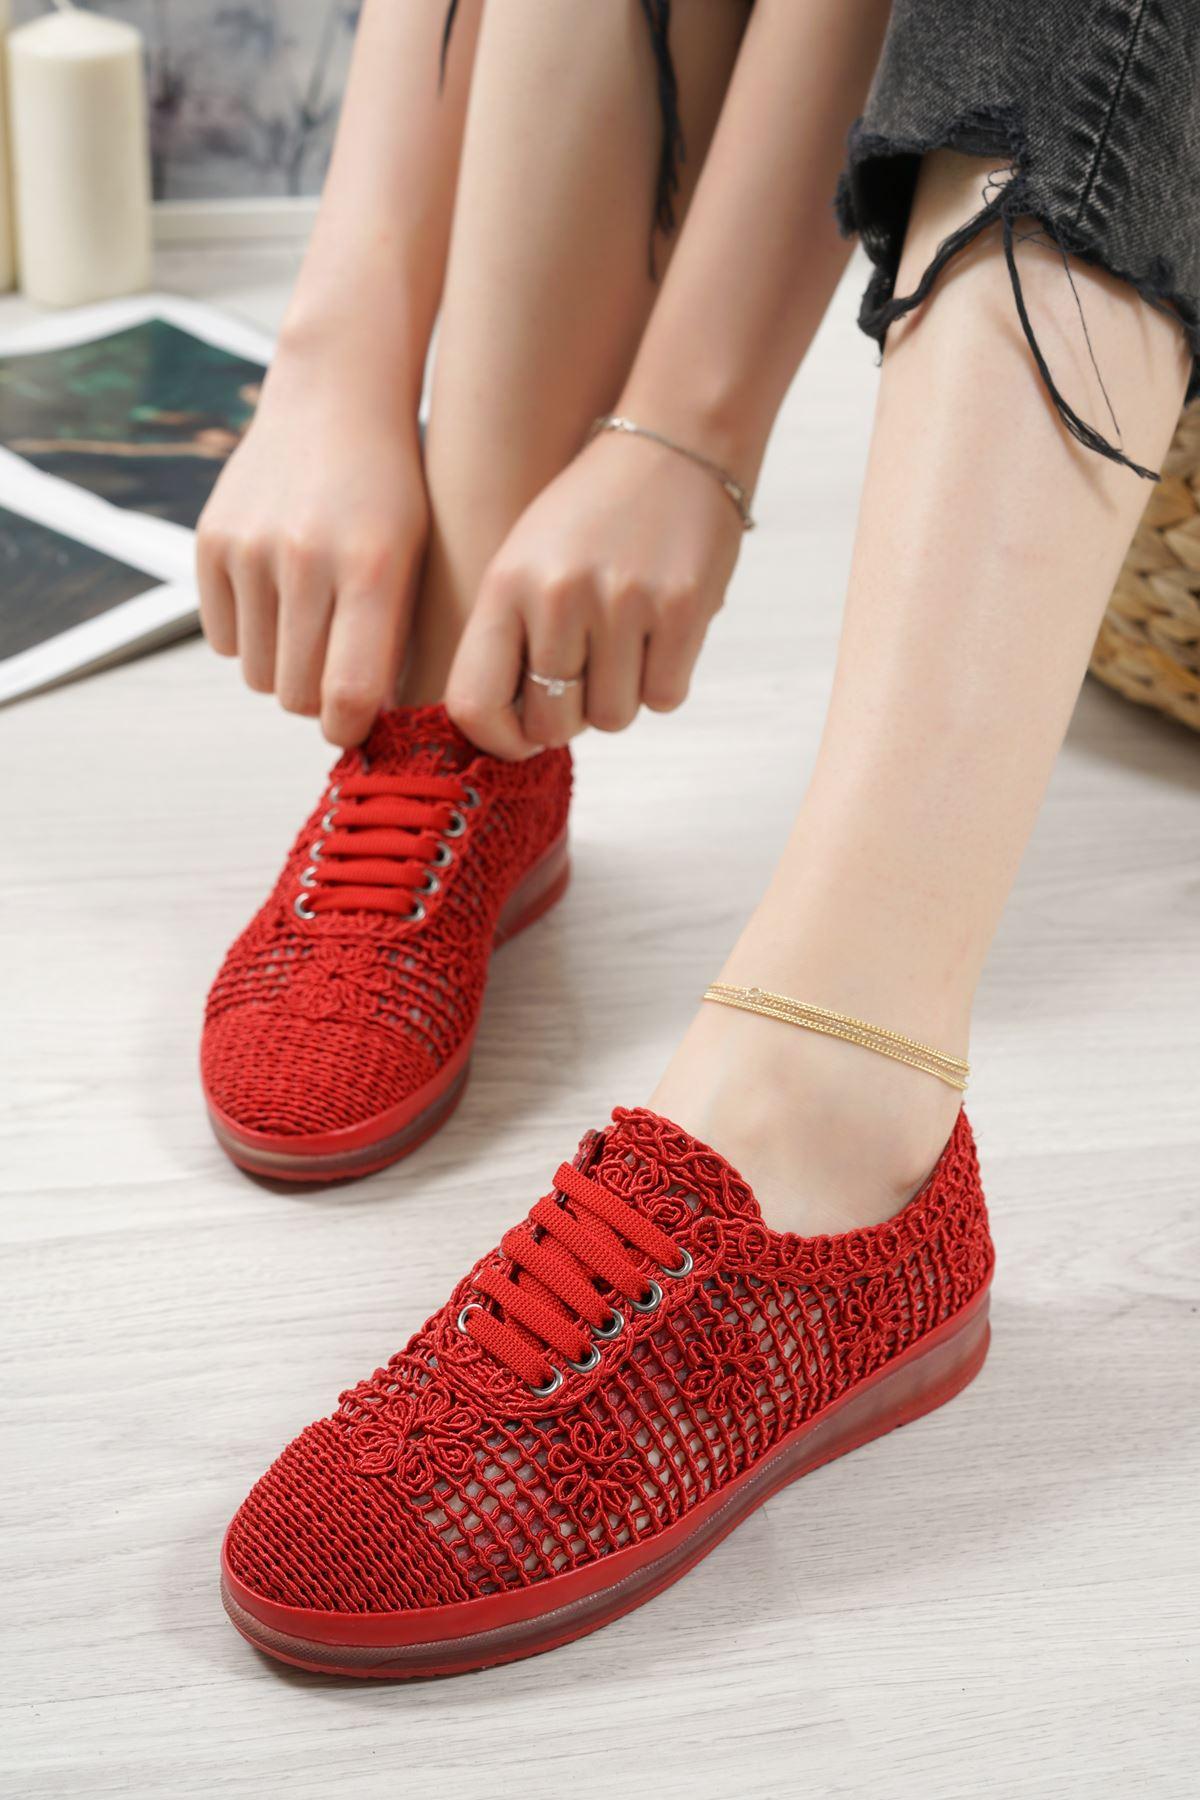 Danil Kırmızı Dantel Kadın Spor Ayakkabı